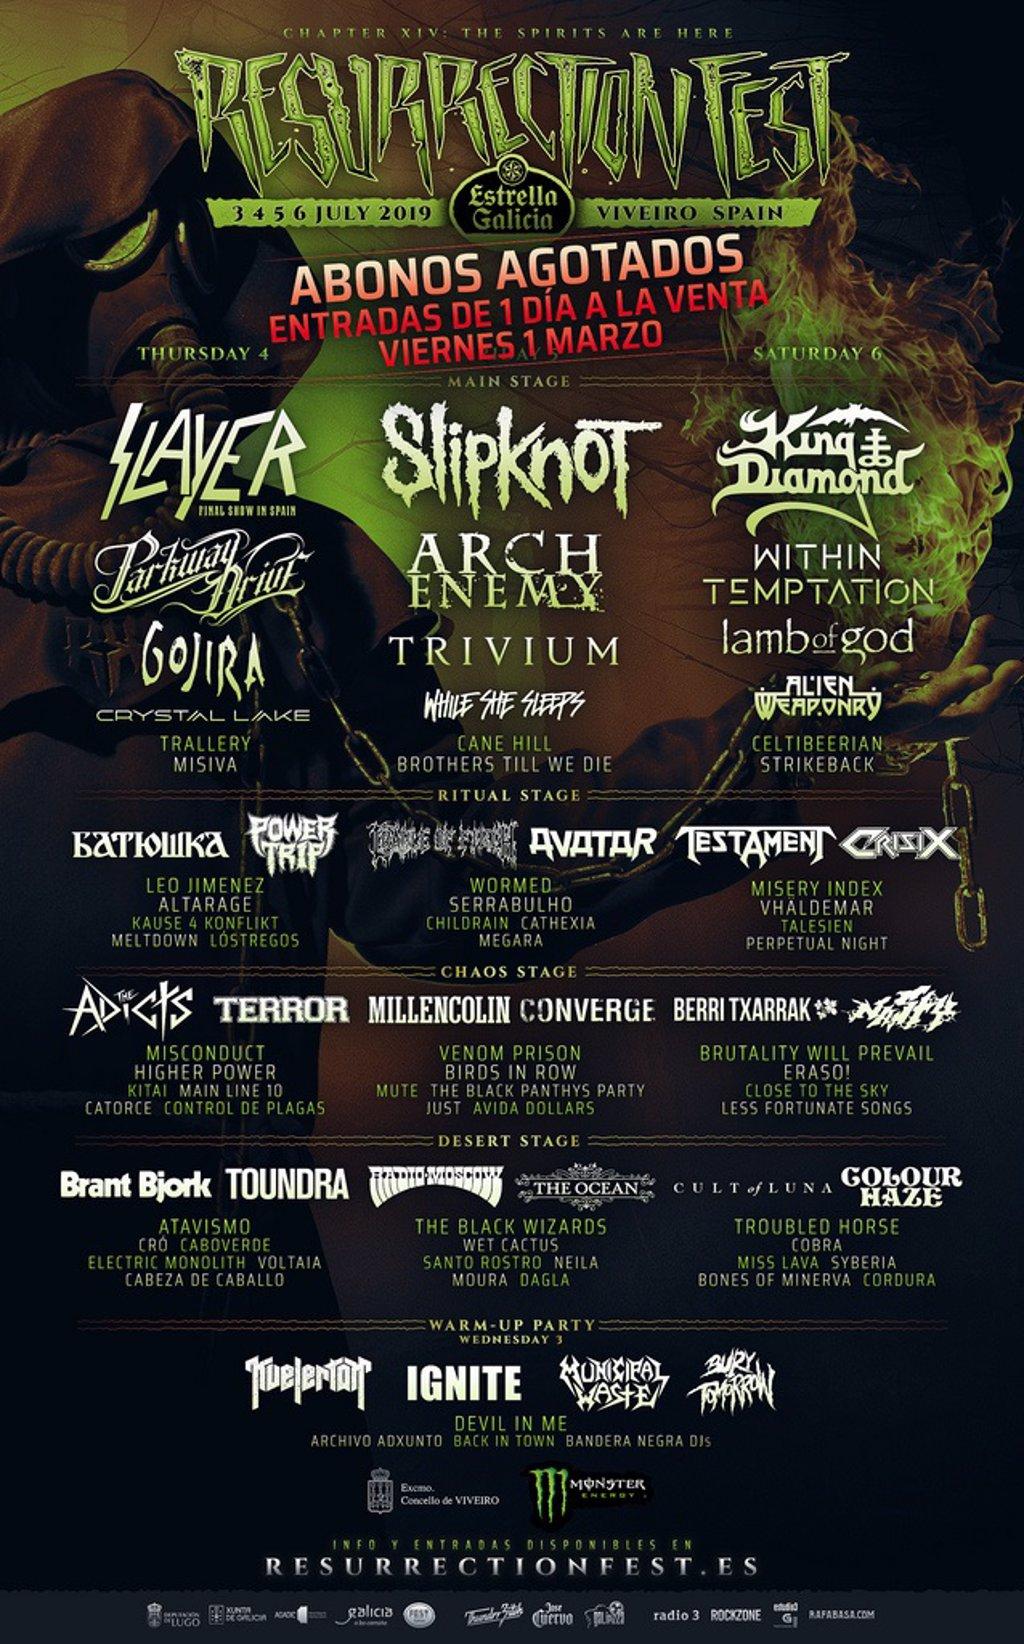 Resurrection Fest Estrella Galicia 2022. (29 - 3 Julio) Avenged Sevenfold, KoRn, Deftones, Sabaton y Bourbon! - Página 2 Fotonoticia_20190226123958_1024